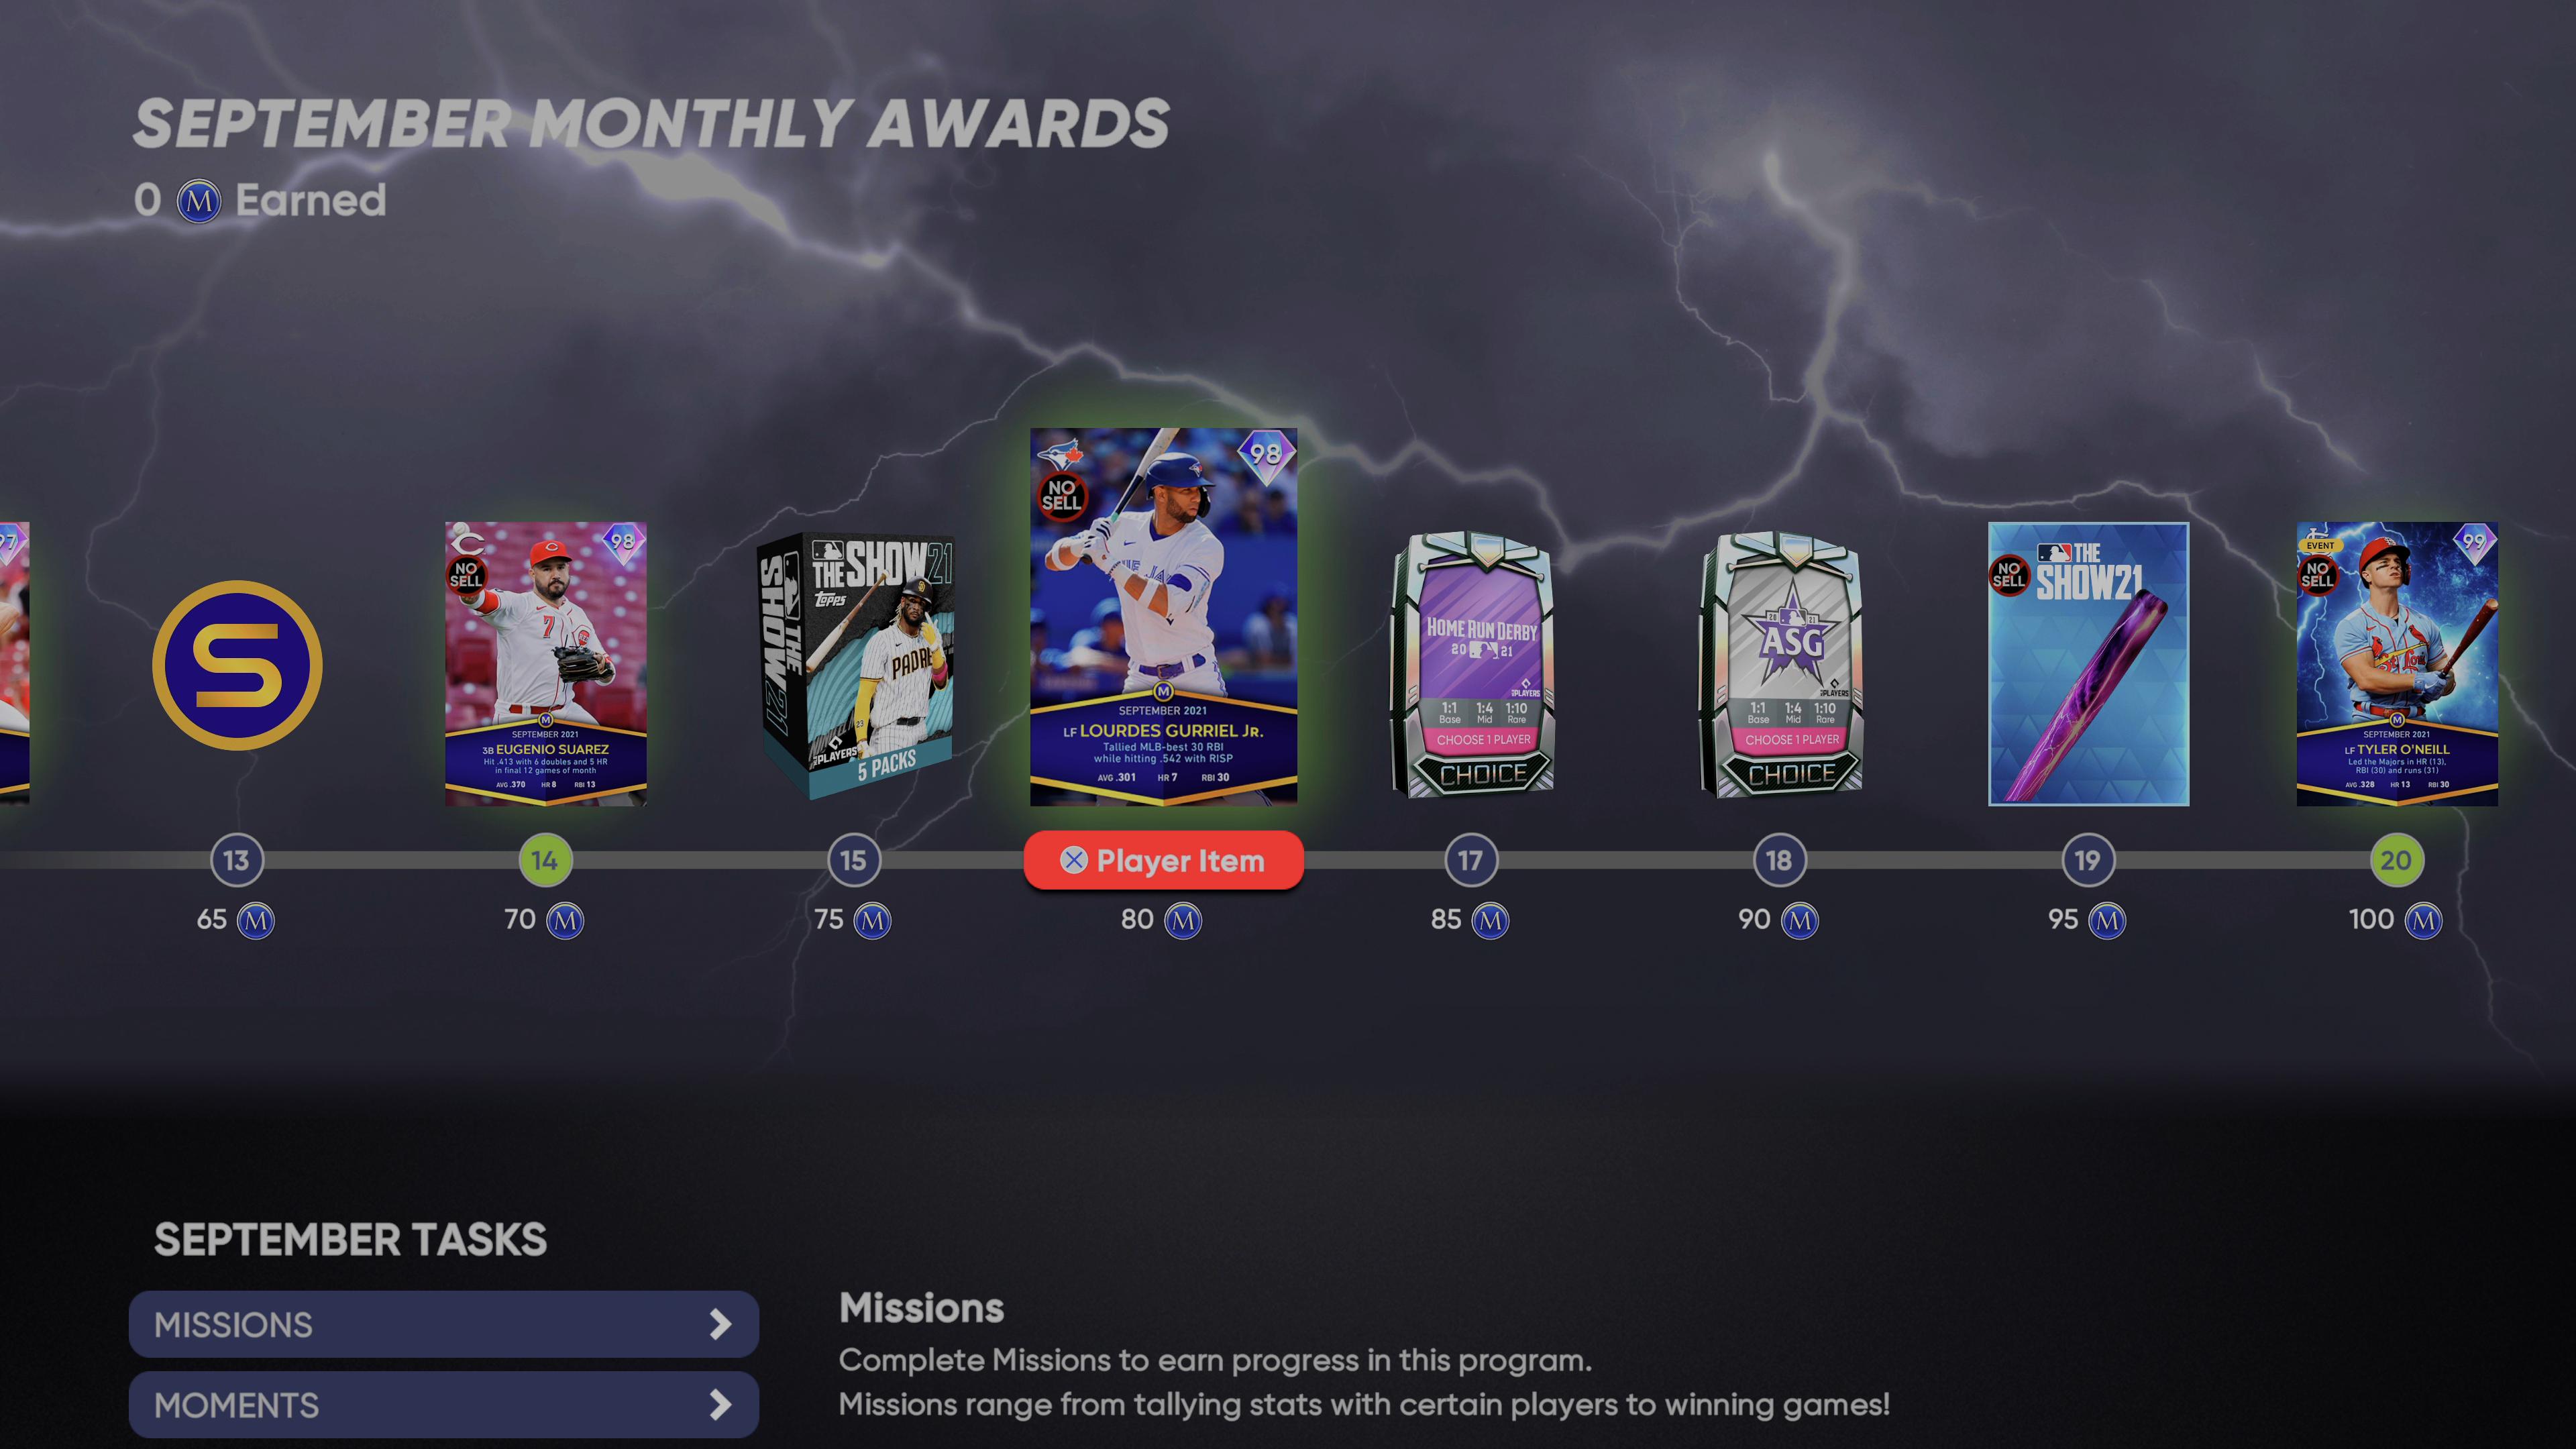 MLB The Show 21 - September Monthly Awards Program_2021-10-05_15-50-37